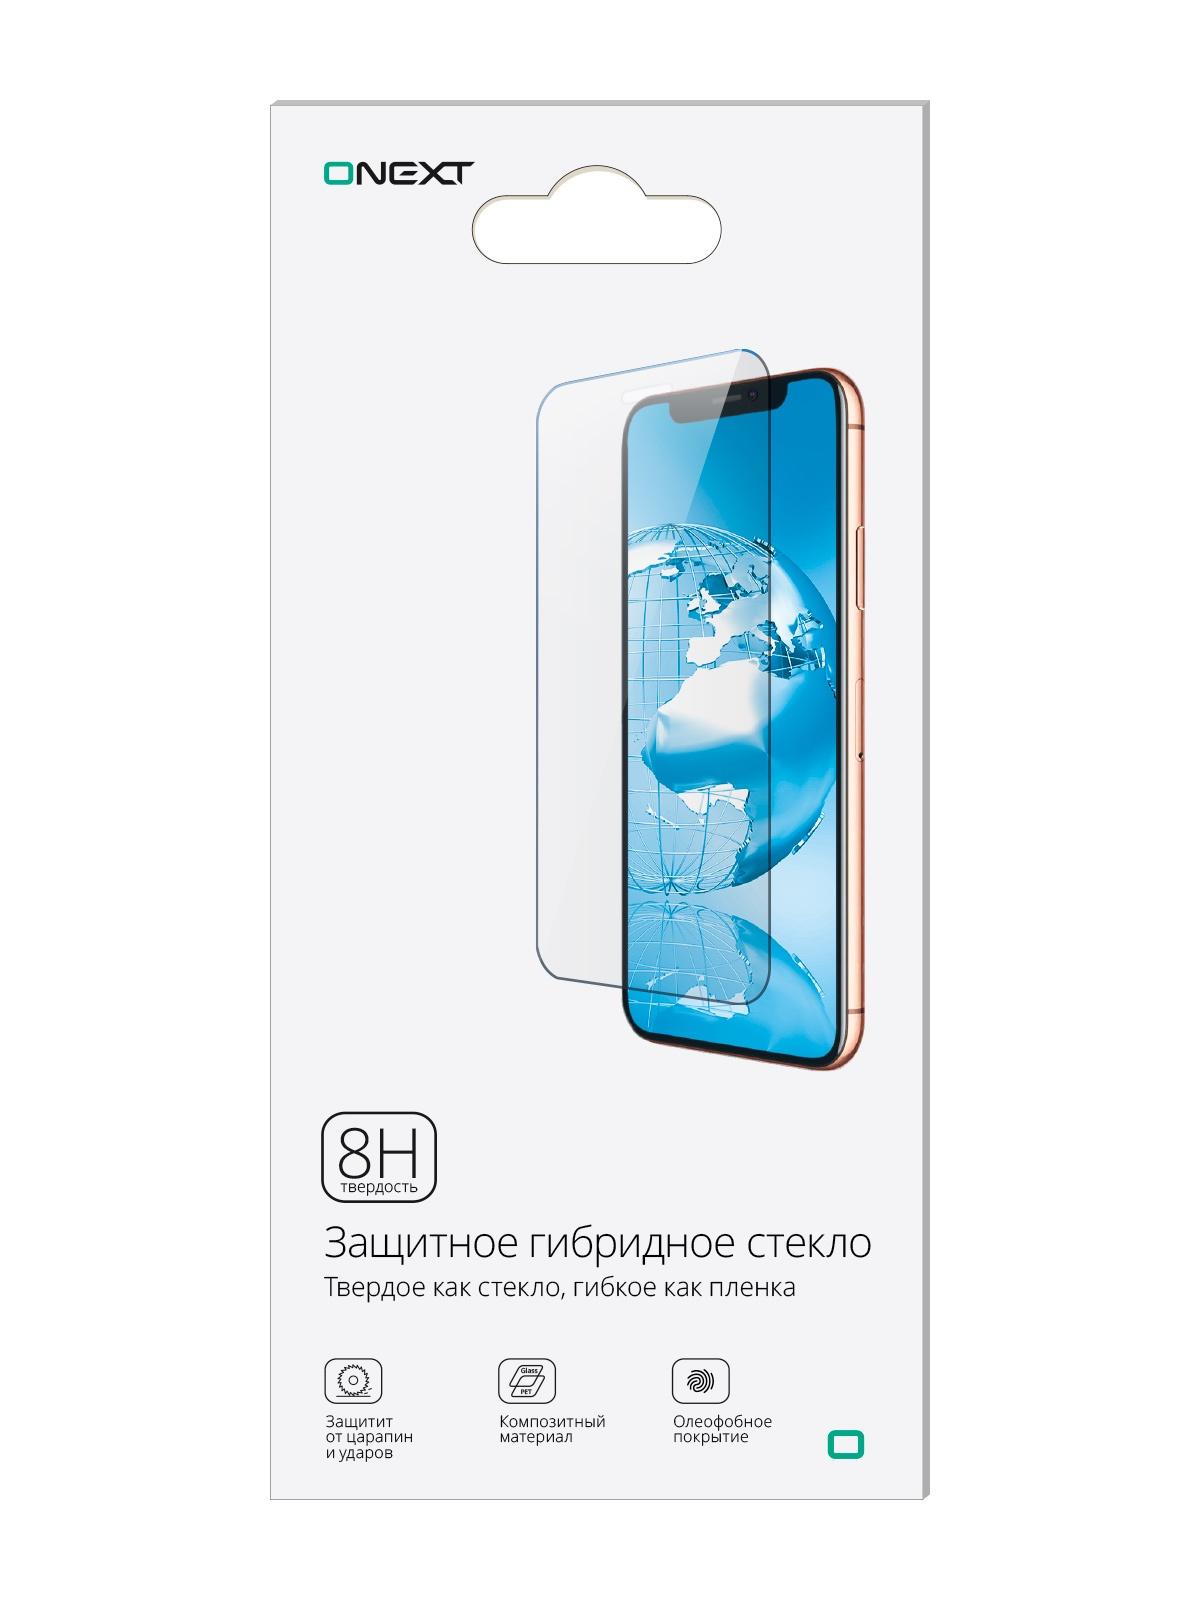 Защитное стекло ONEXT Apple iPhone 8 защитное стекло onext для iphone 7